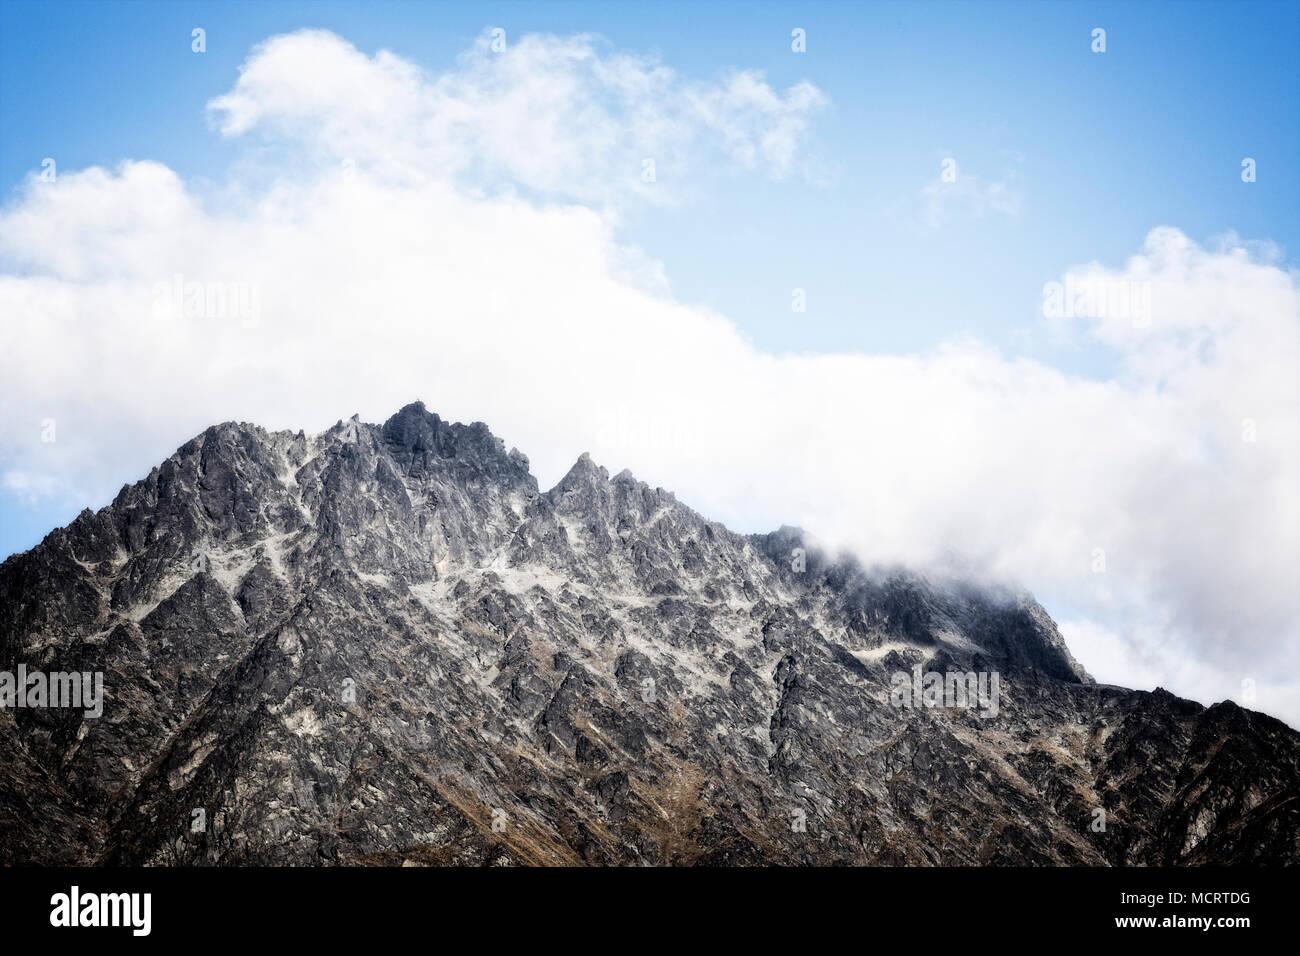 Die beeindruckende Bergkette in der Nähe von Queenstown, Südinsel, Neuseeland. Stockfoto